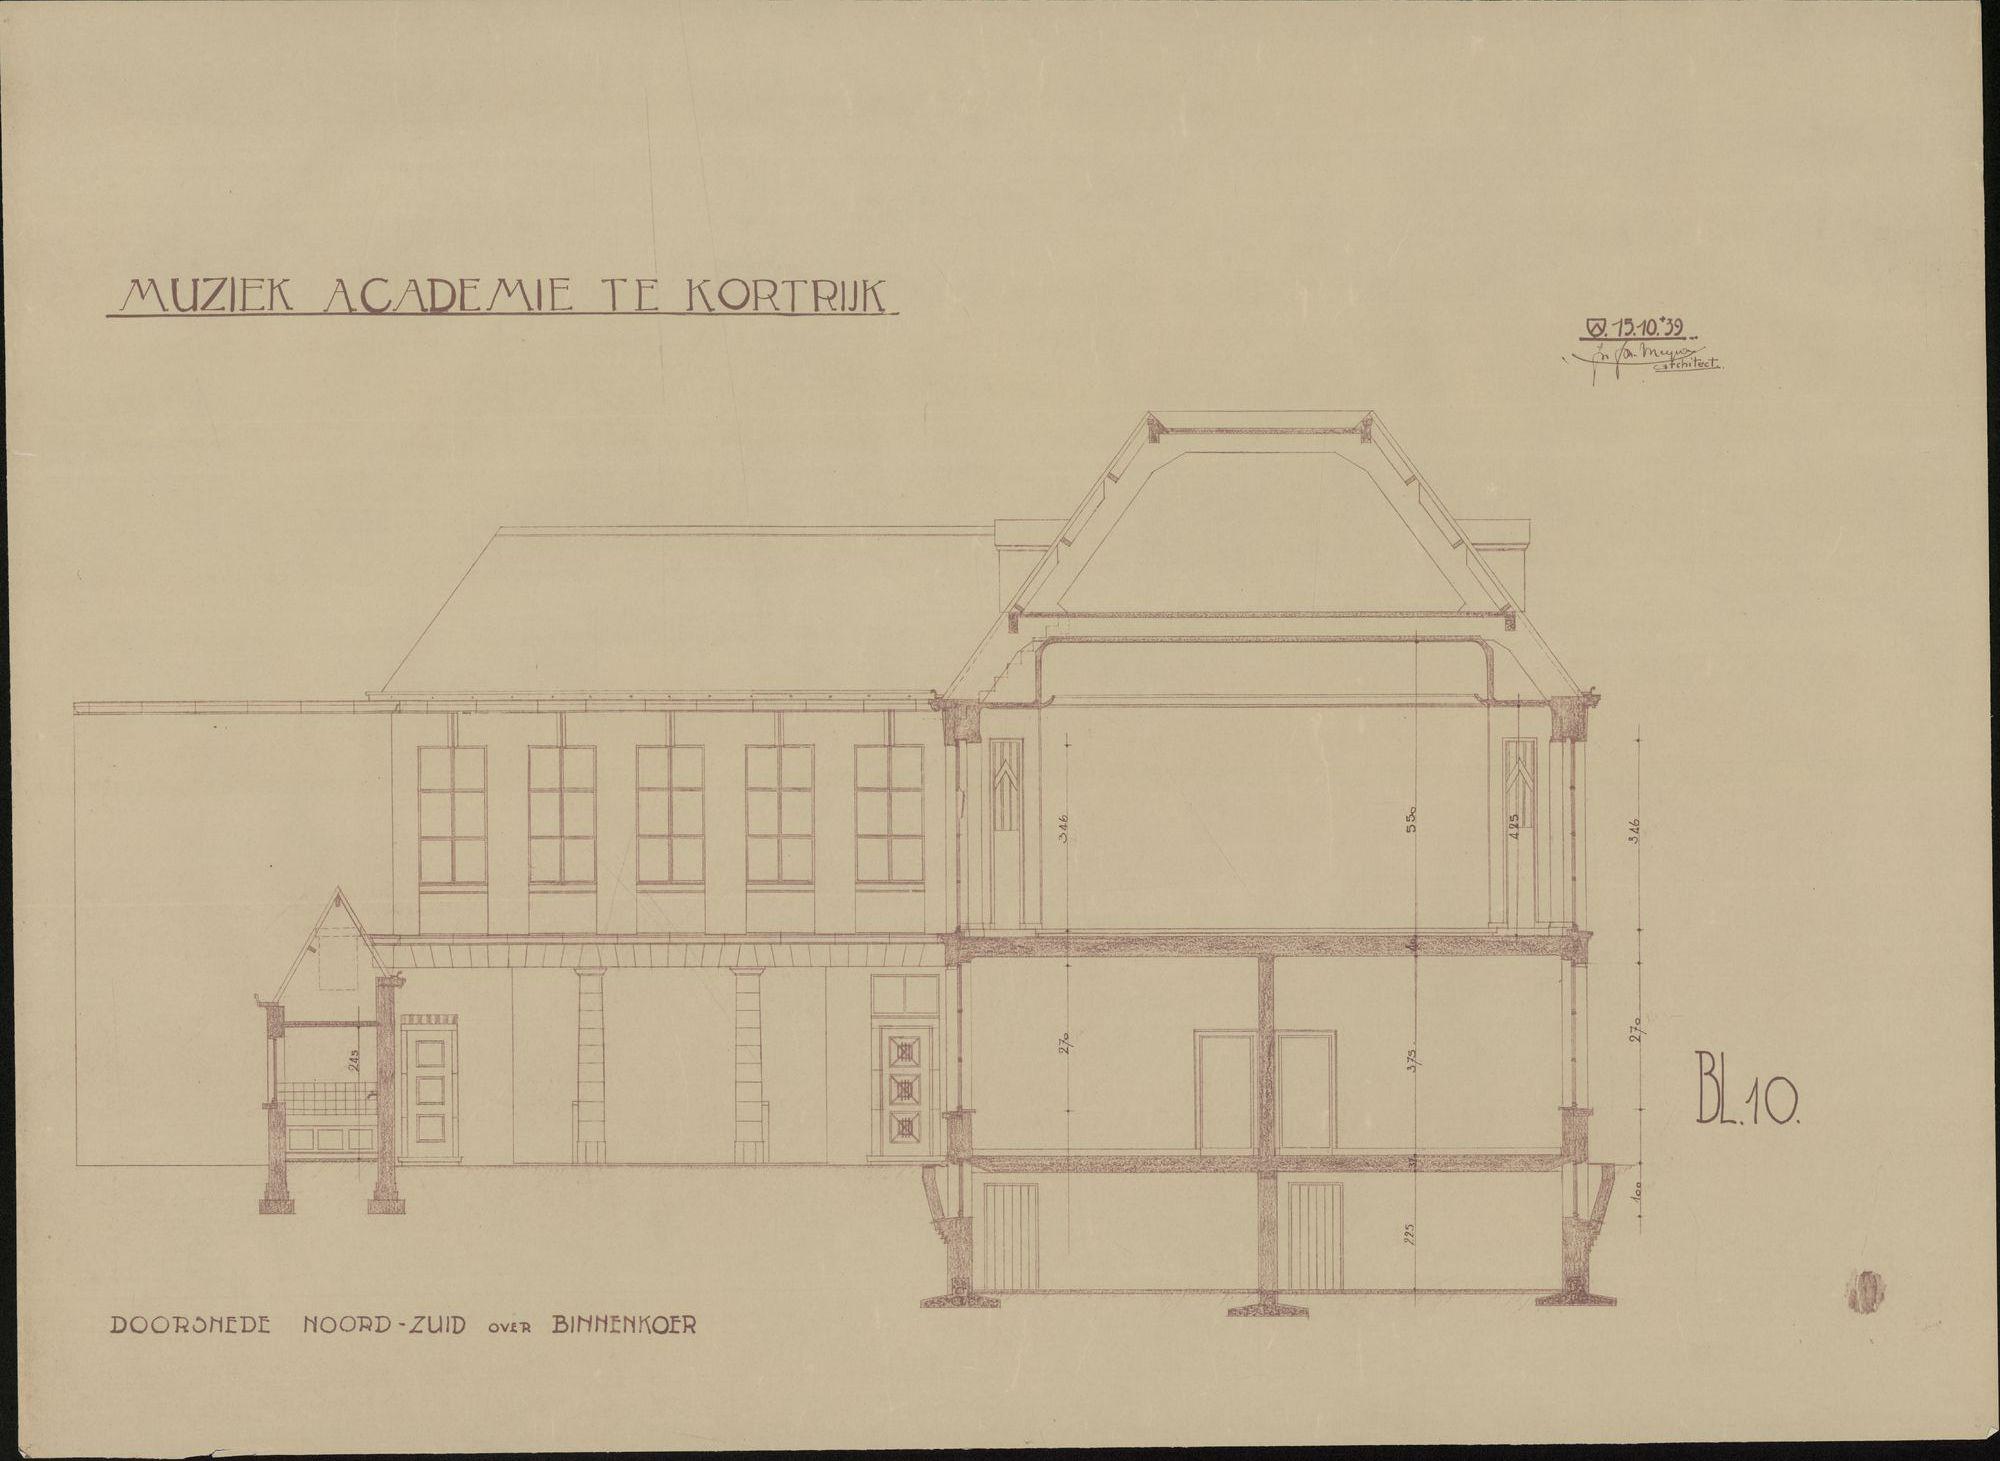 Bouwplannen van een nieuwe muziekacademie te Kortrijk, 1939